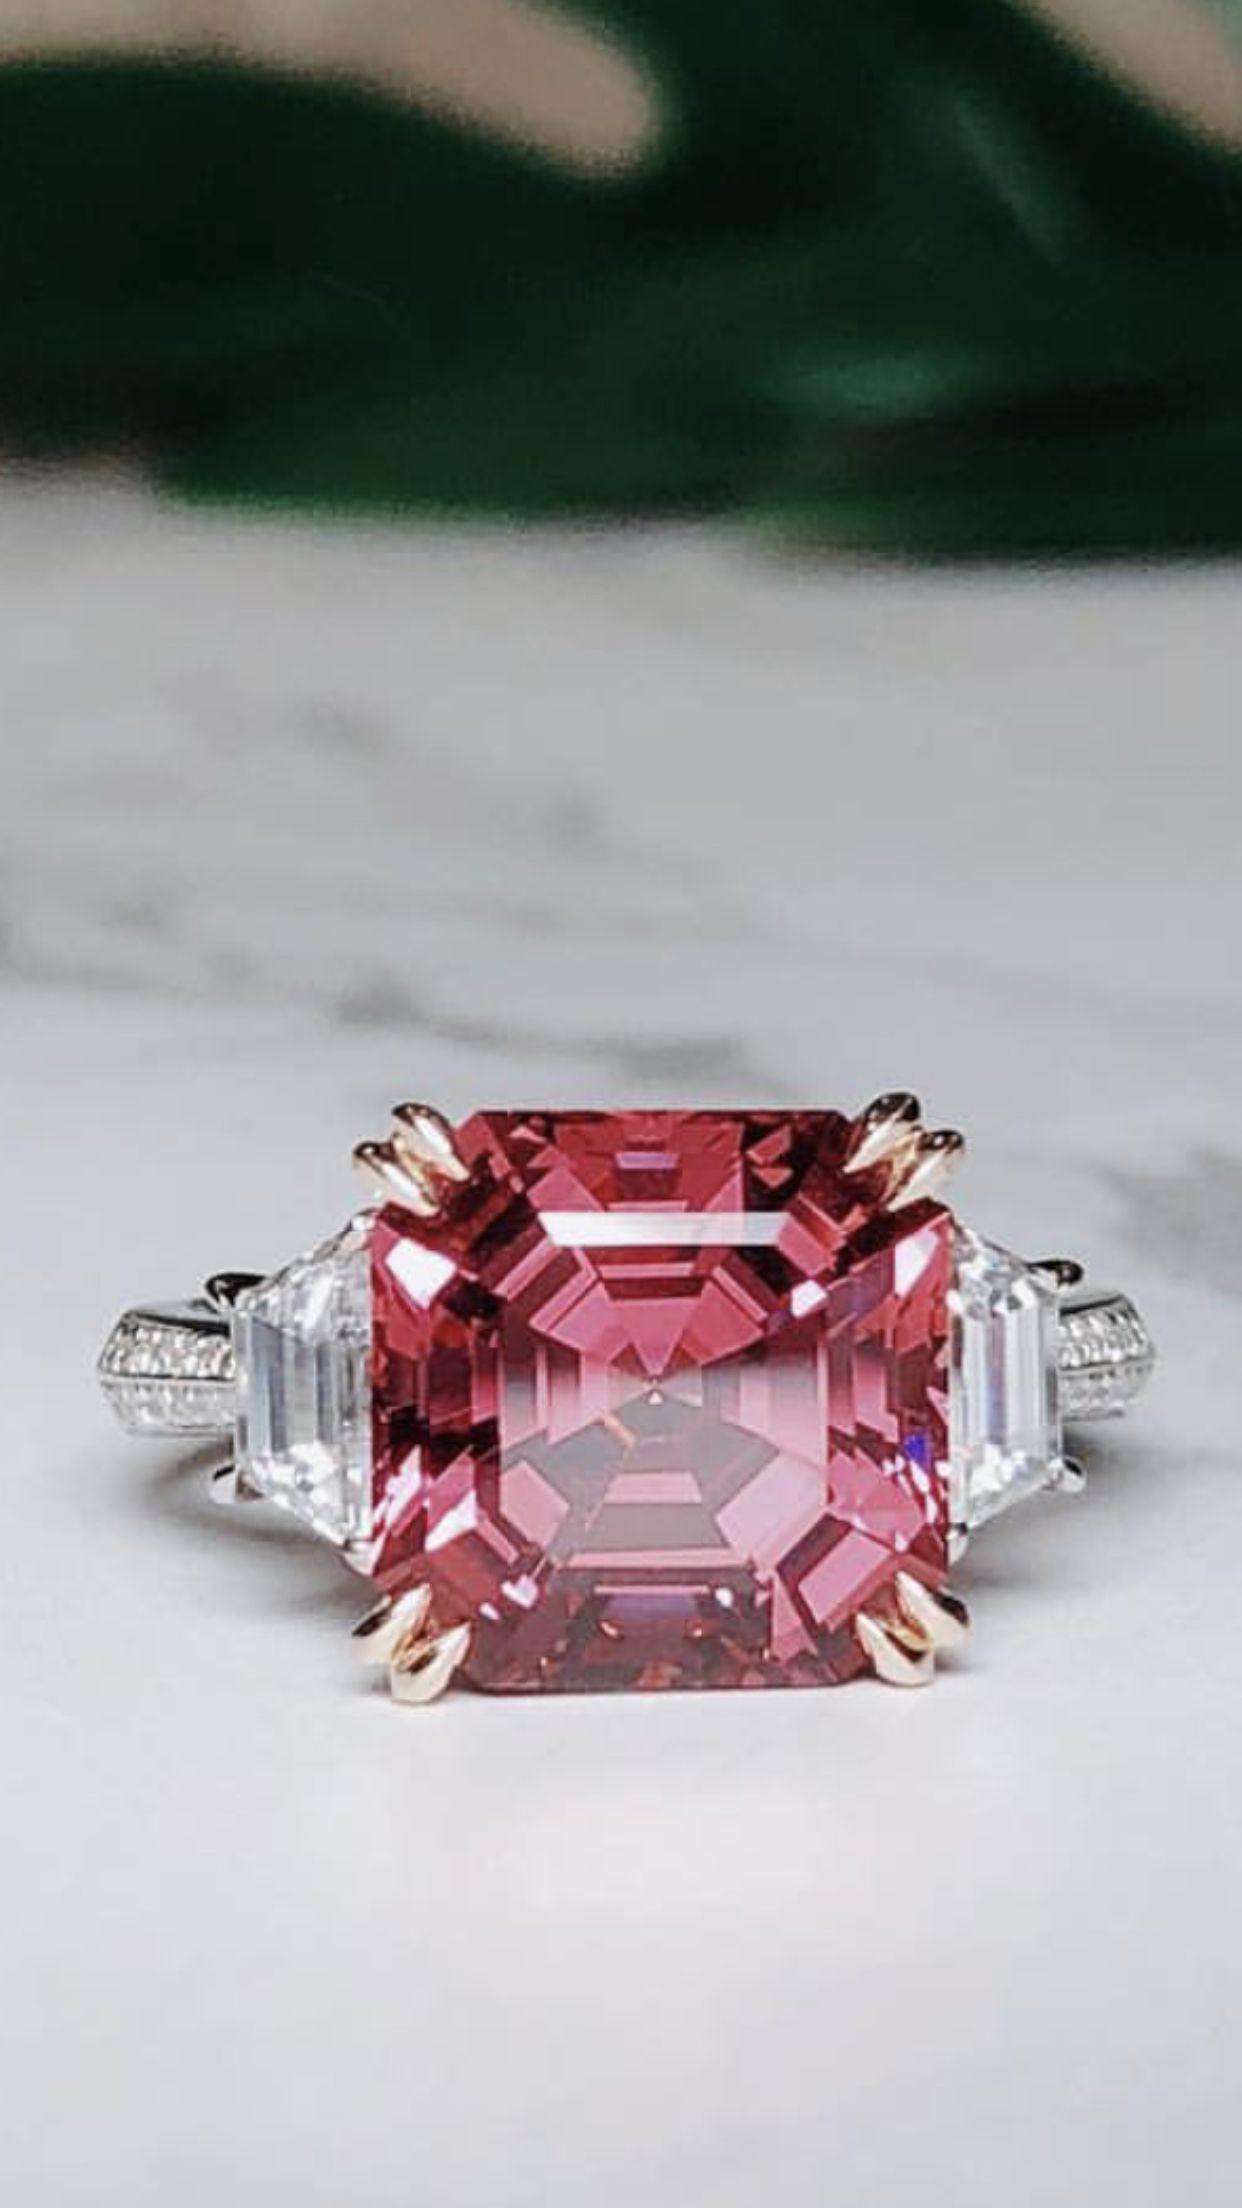 Diamond Ring Rare Diamond Ring Jewelry Beautiful Jewelry